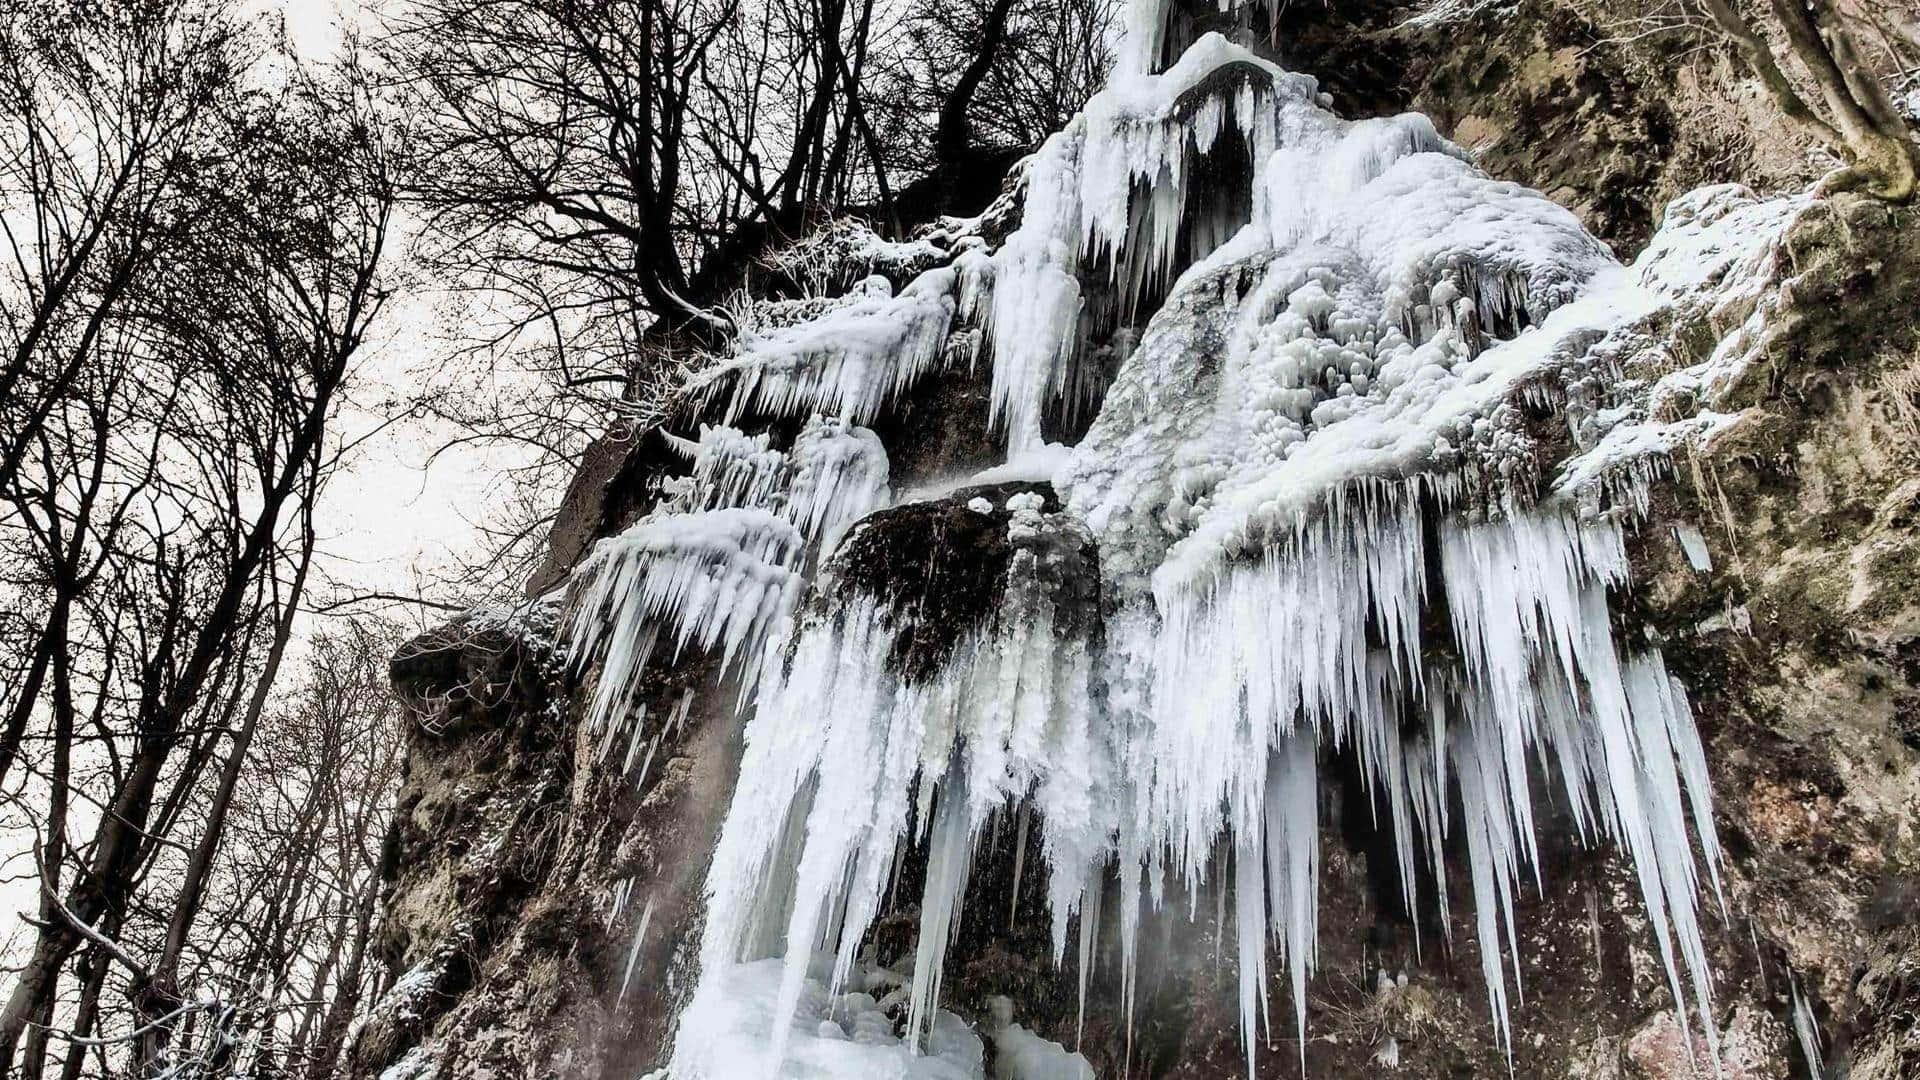 Uracher Wasserfall, Januar 2017 bei - 12 Grad